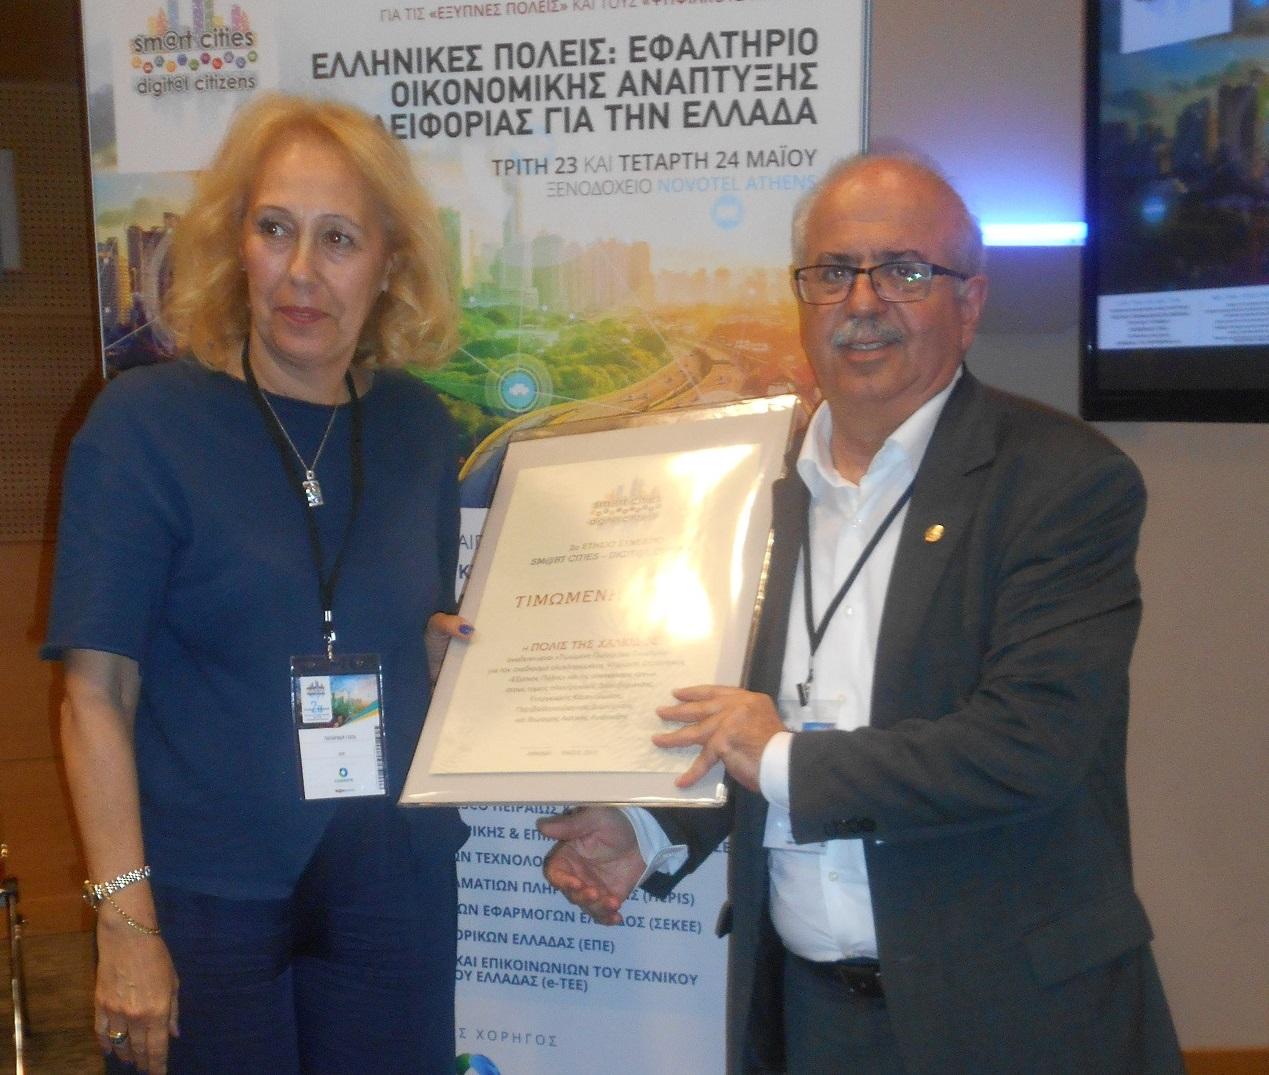 Η συνεργασία μας με τον Δήμο Χαλκιδέων μειώνει την γραφειοκρατεία, προωθεί την ηλεκτρονική διακυβέρνηση και βραβεύεται στο 2o Ετήσιο Συνέδριο Sm@rt Cities – Digit@l Citizens